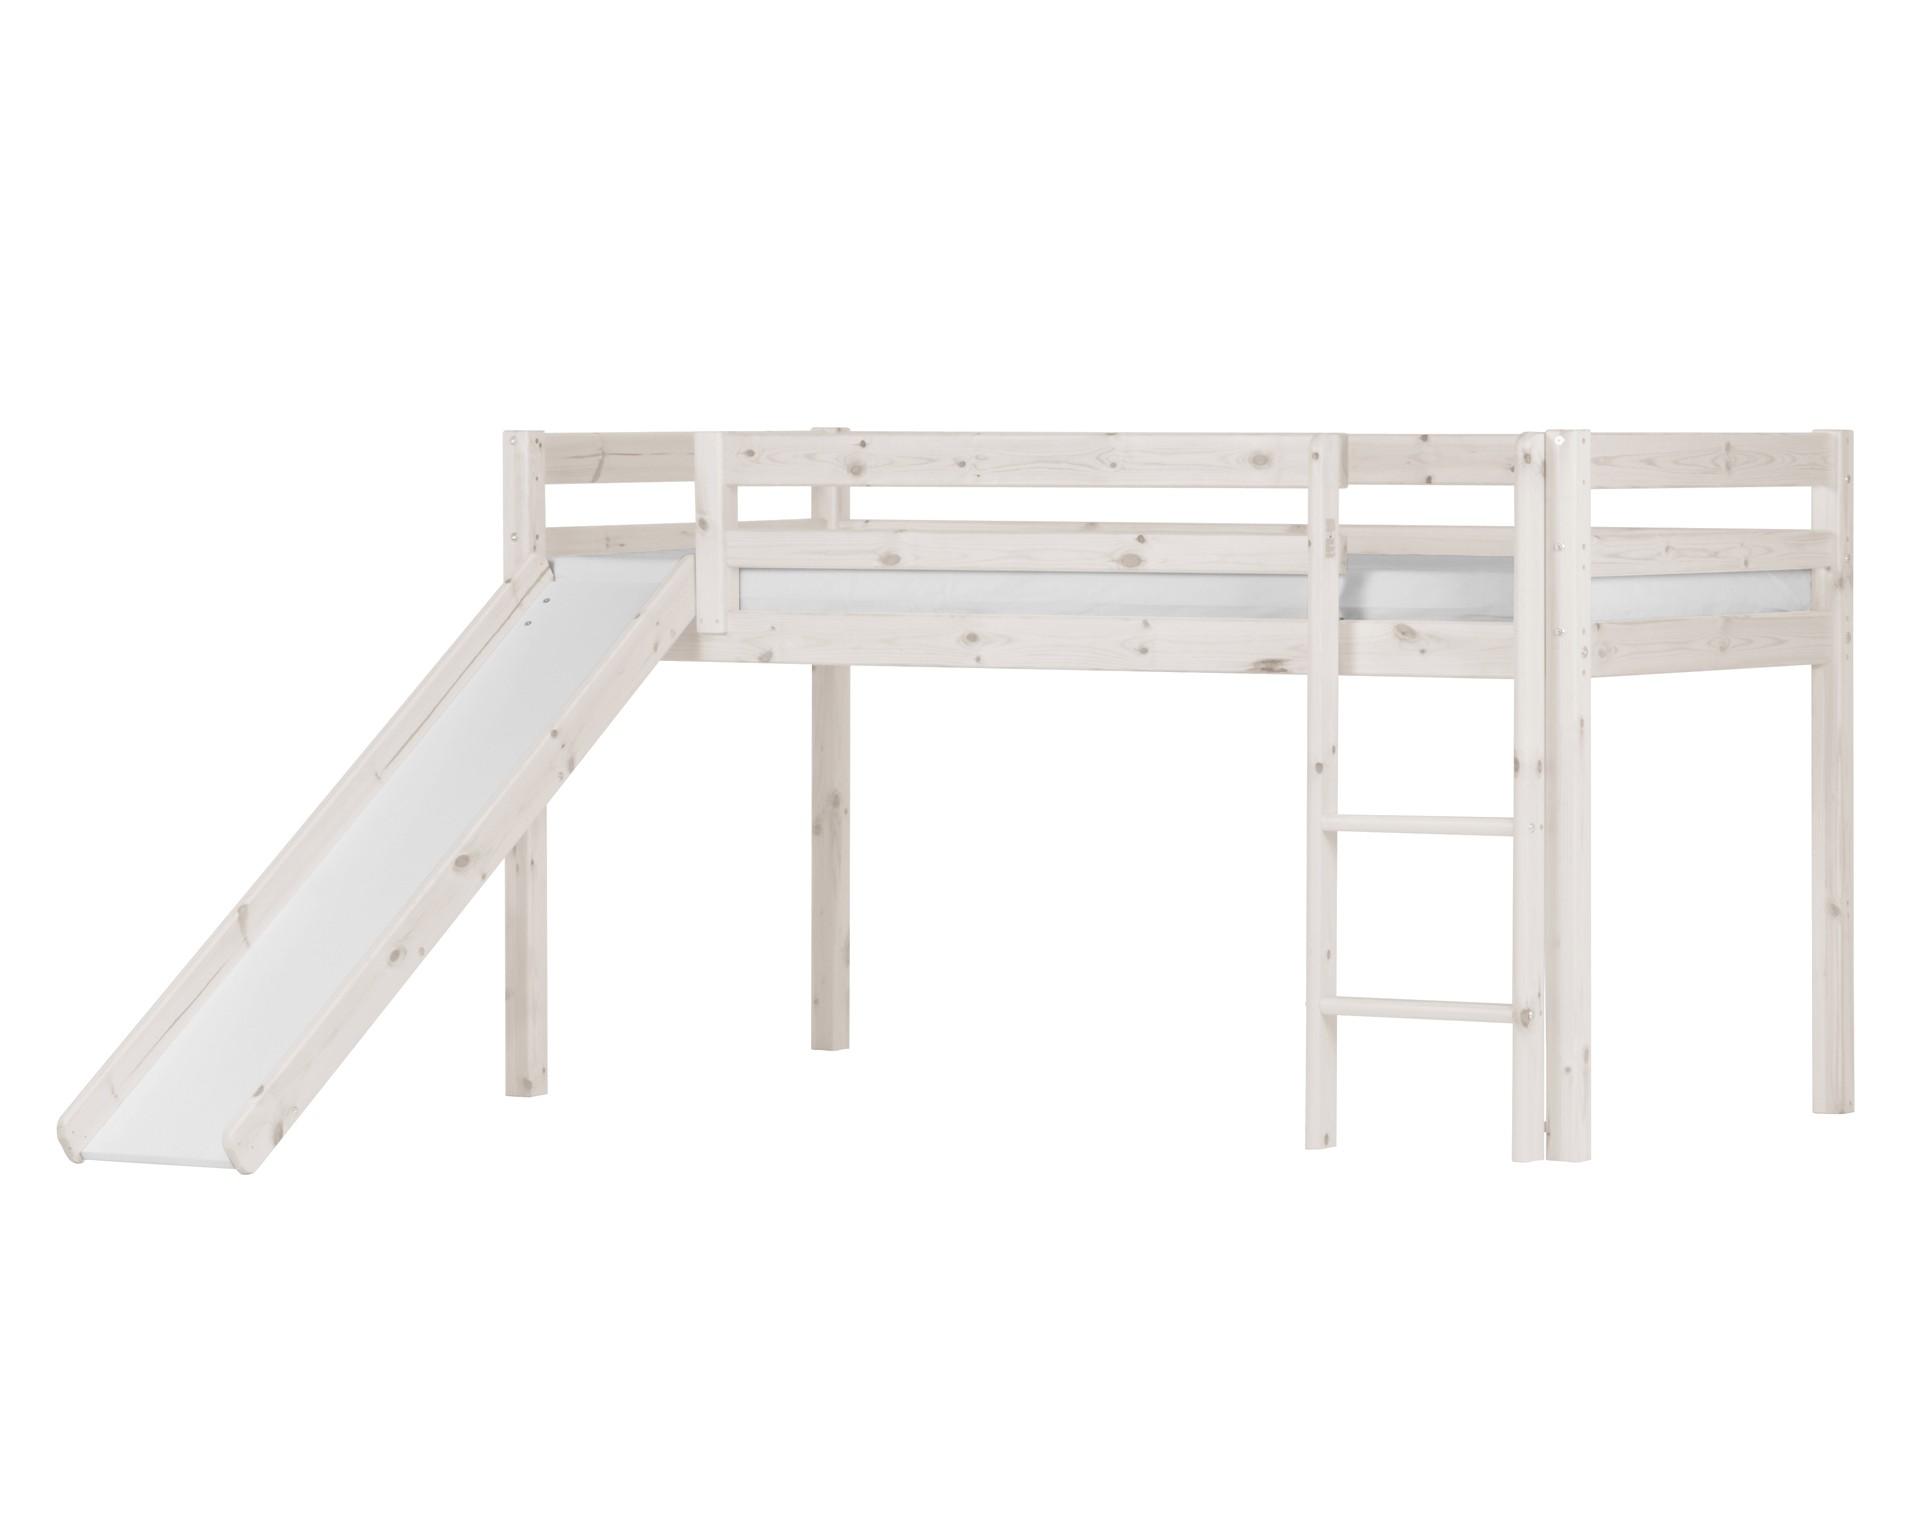 10 sparen rutschbett frieda 90x200cm nur 179 95 cherry m bel d nisches bettenlager. Black Bedroom Furniture Sets. Home Design Ideas